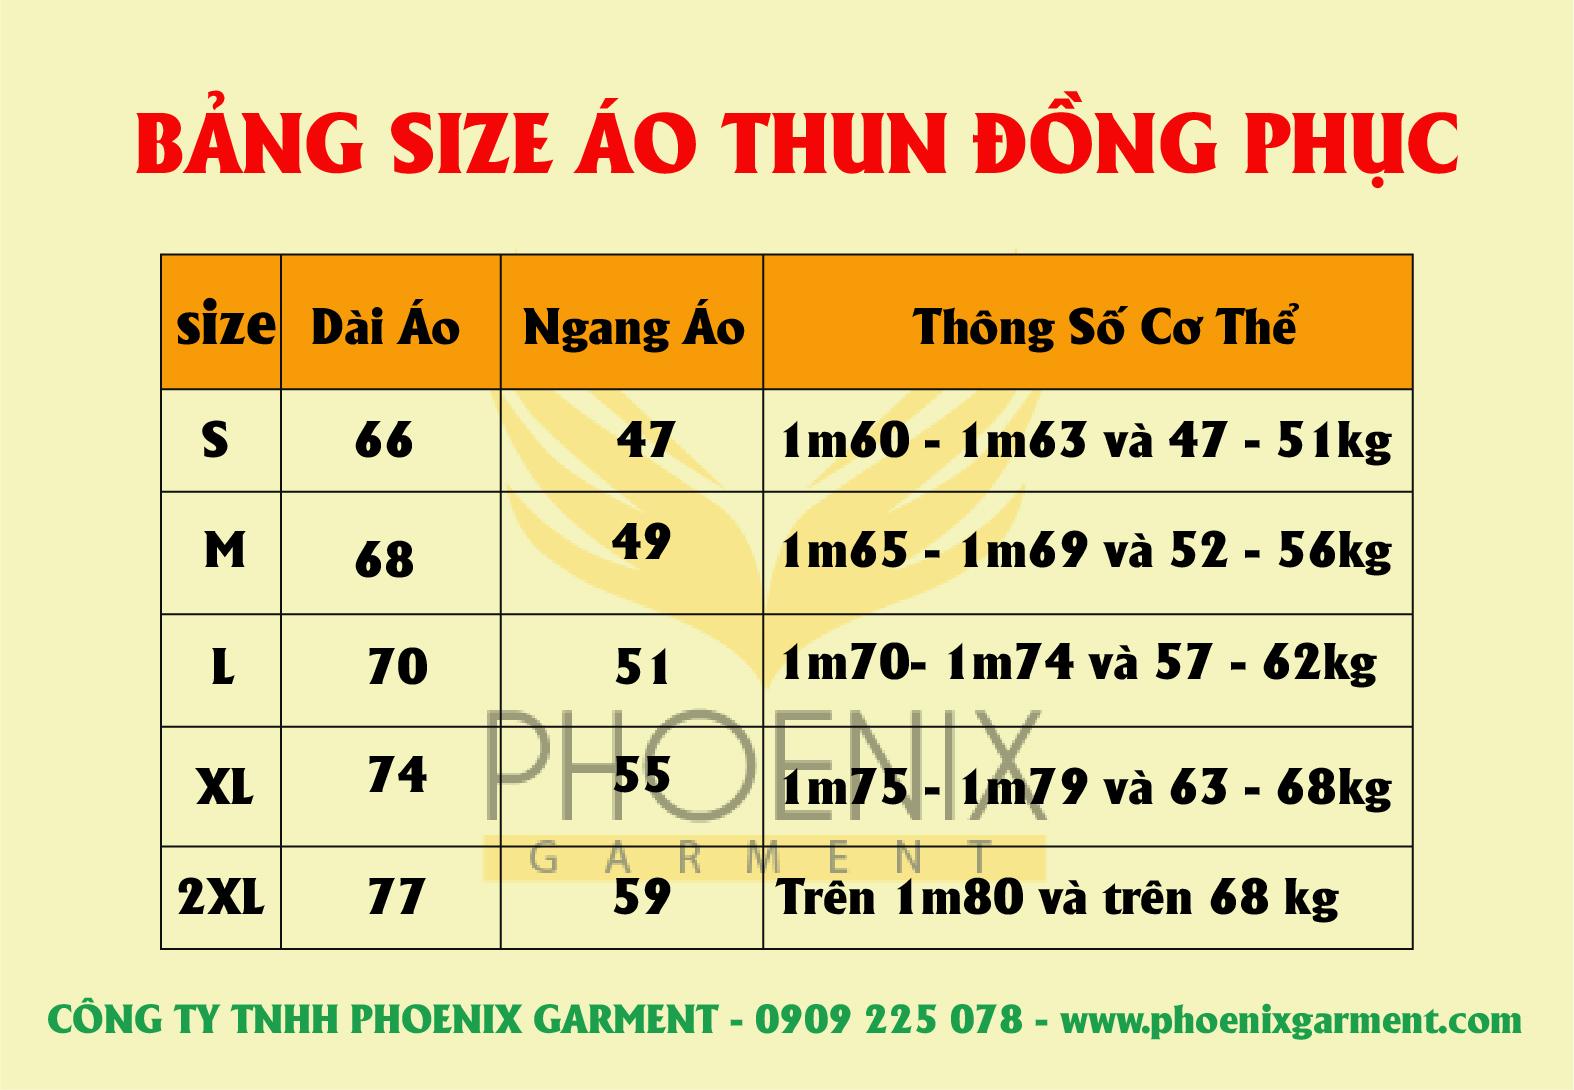 bang-size áo thun phoenix